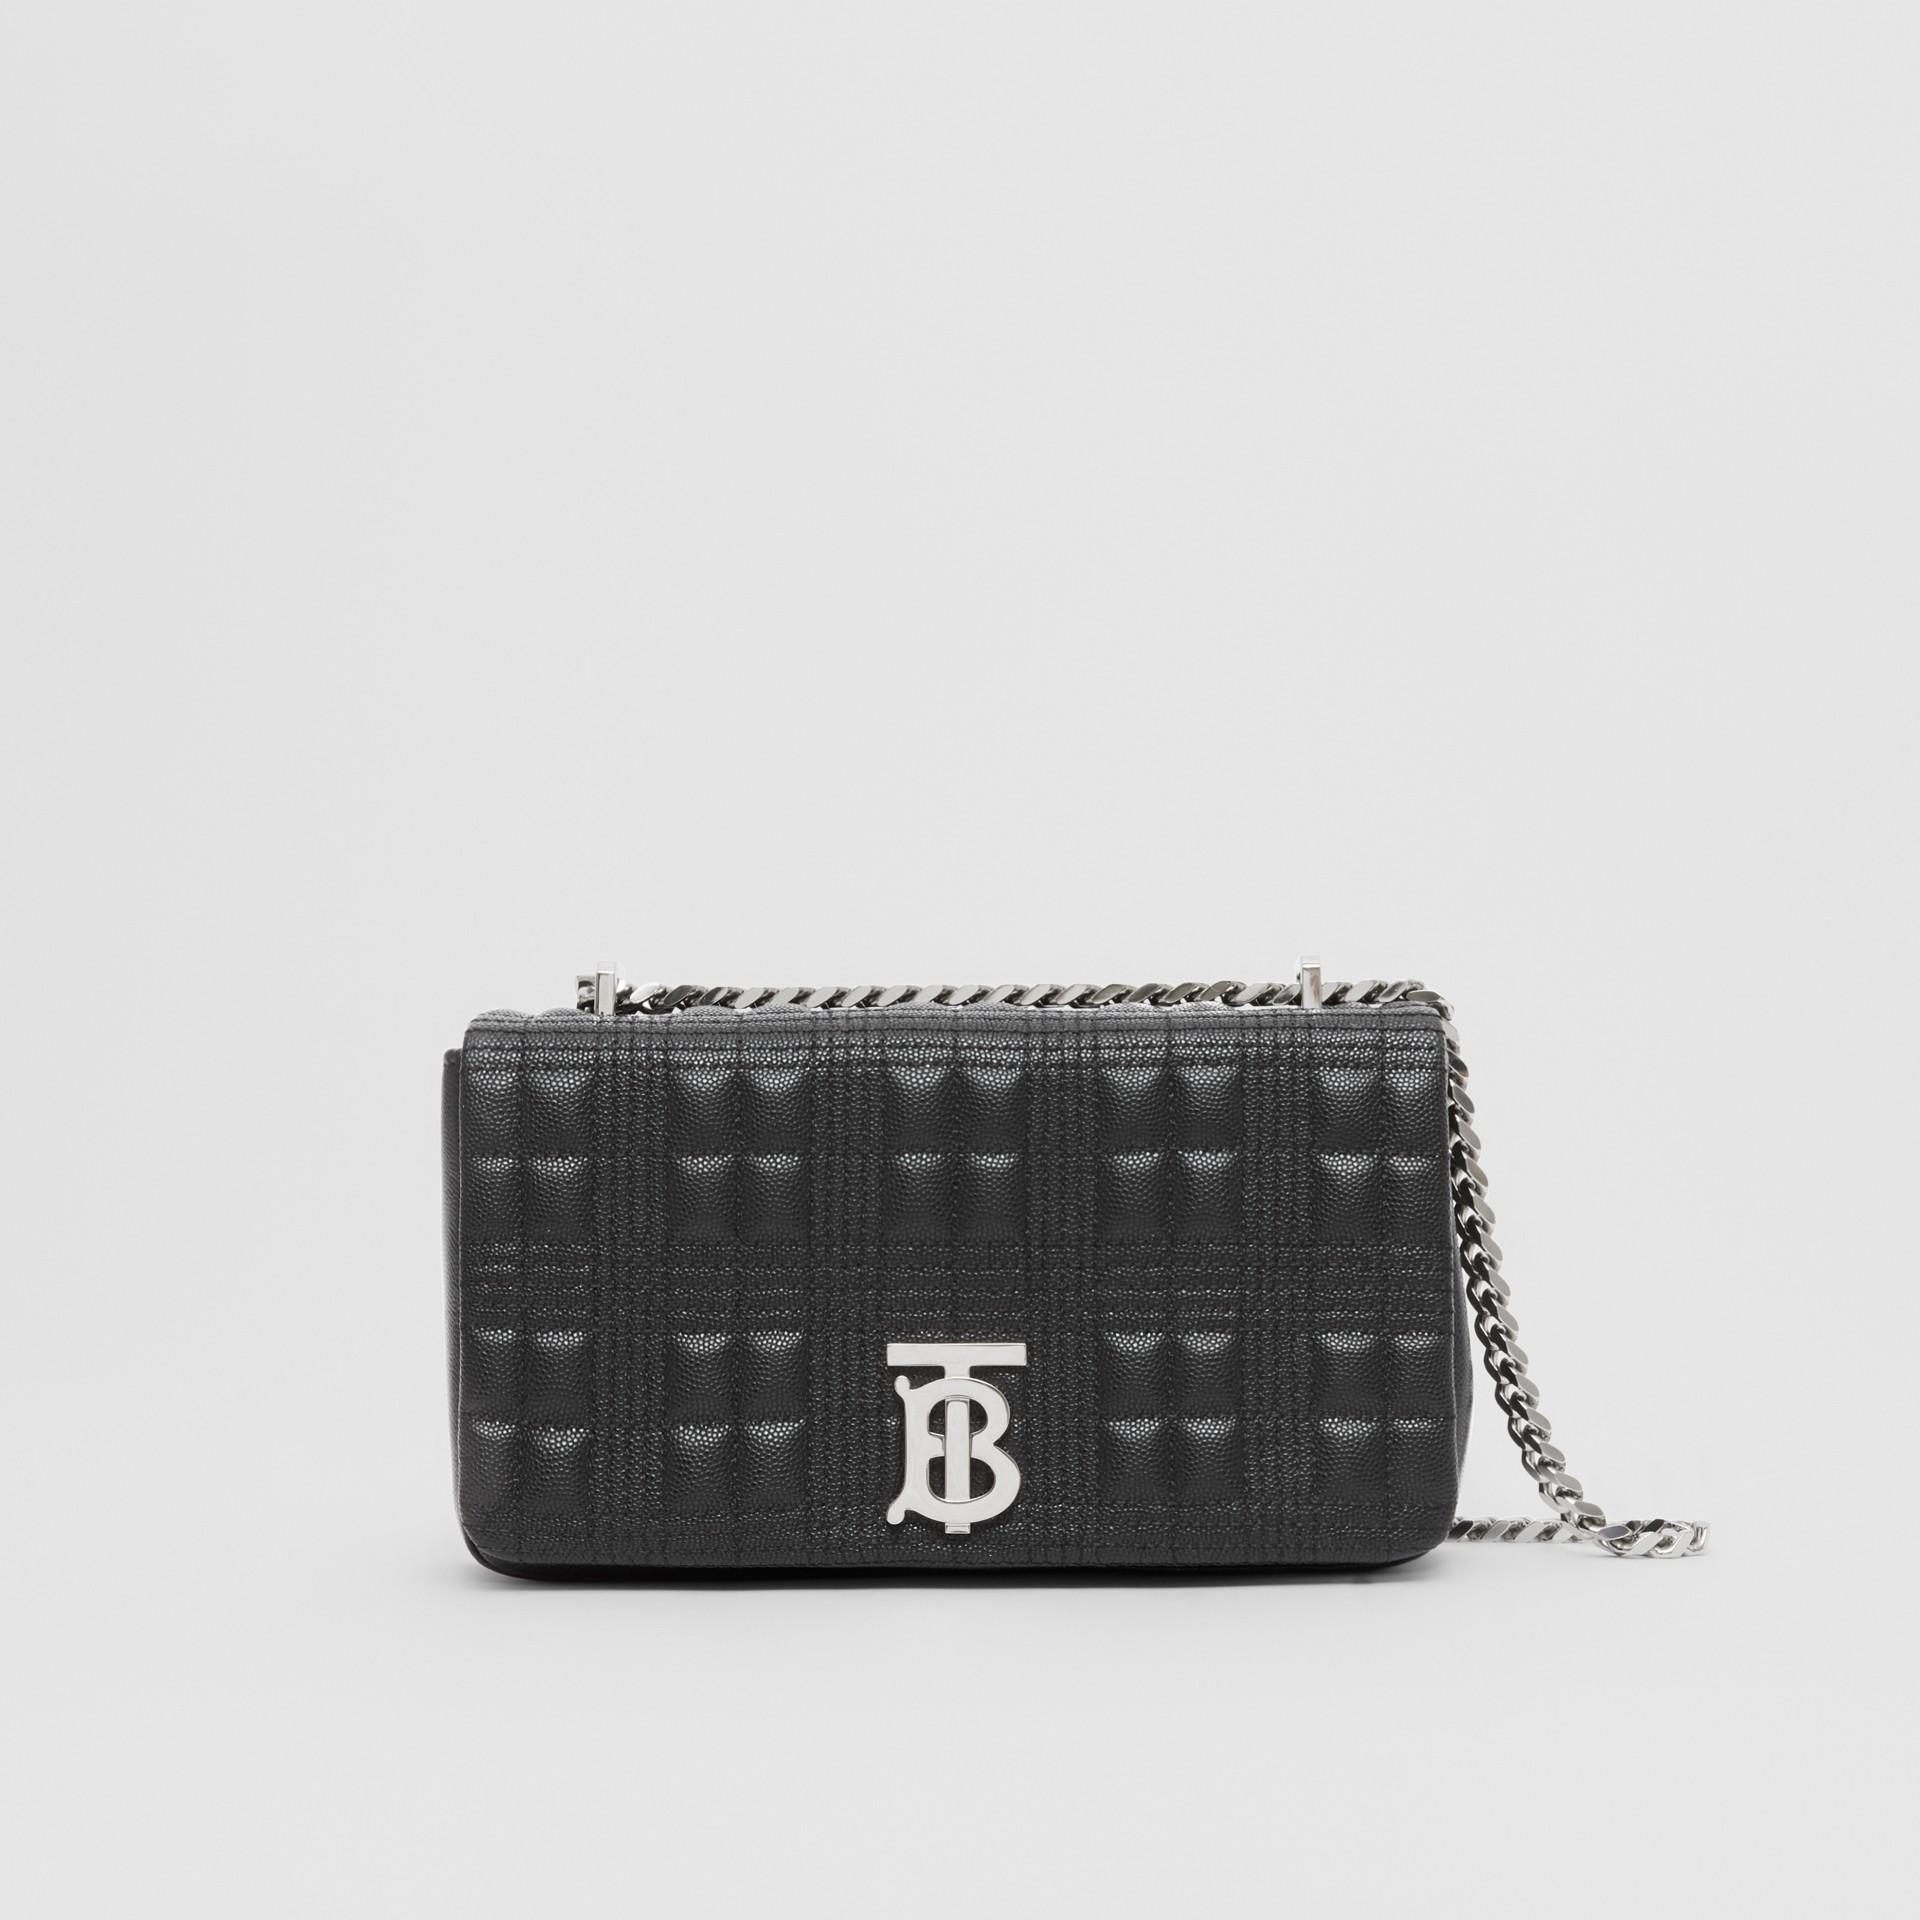 Bolsa Lola acolchoada em couro granulado - Pequena (Preto) | Burberry - galeria de imagens 0